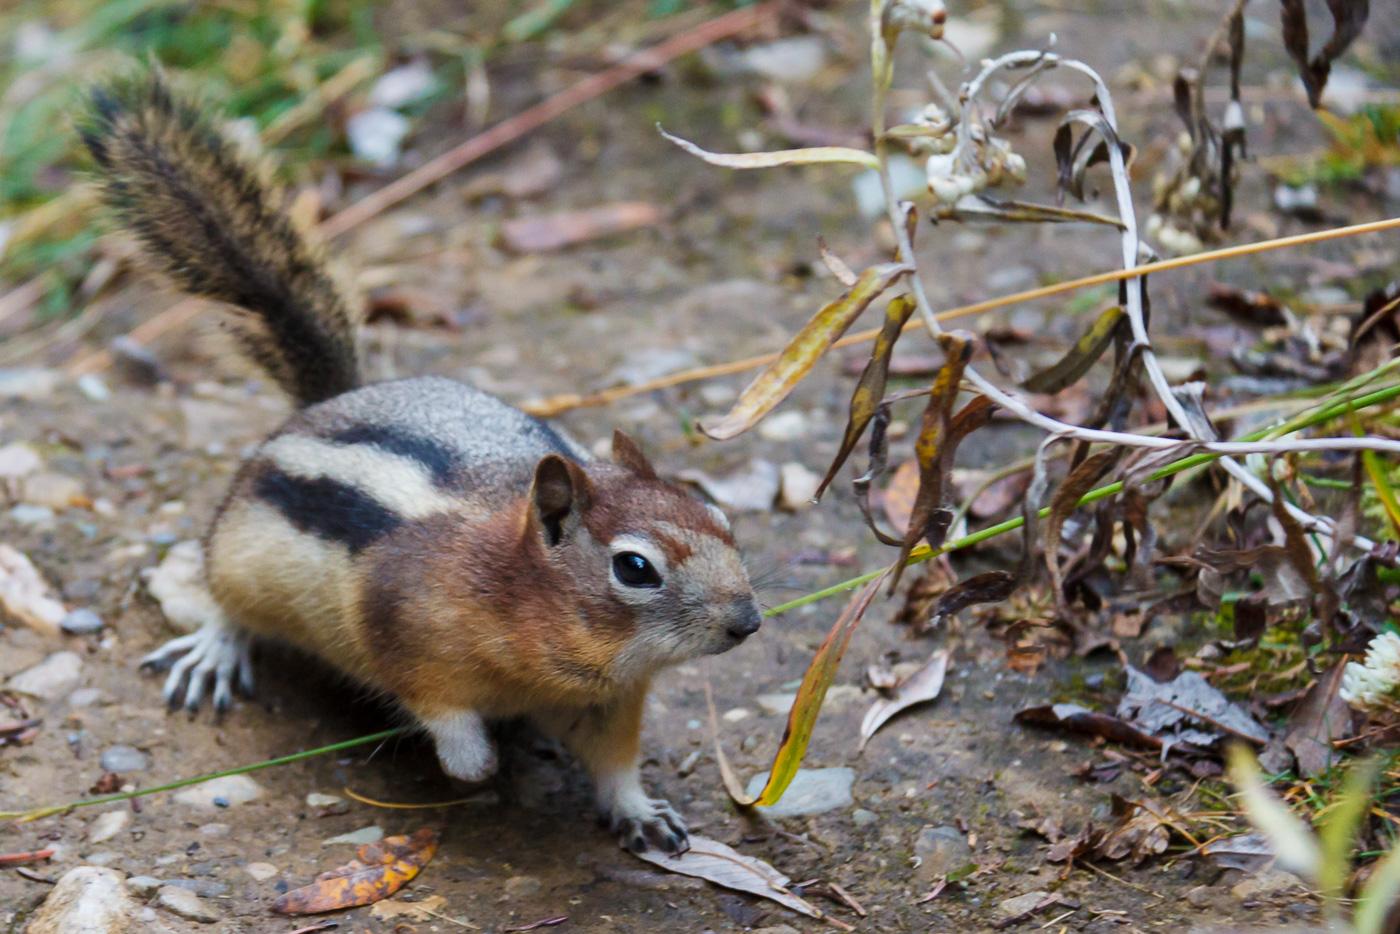 Golden-mantled Ground Squirrel (Spermophilus lateralis), Alberta, Canada. - Fauna de Nord-Amèrica - Raül Carmona - Fotografia, Fotografia d'estudi, esdeveniments i Natura